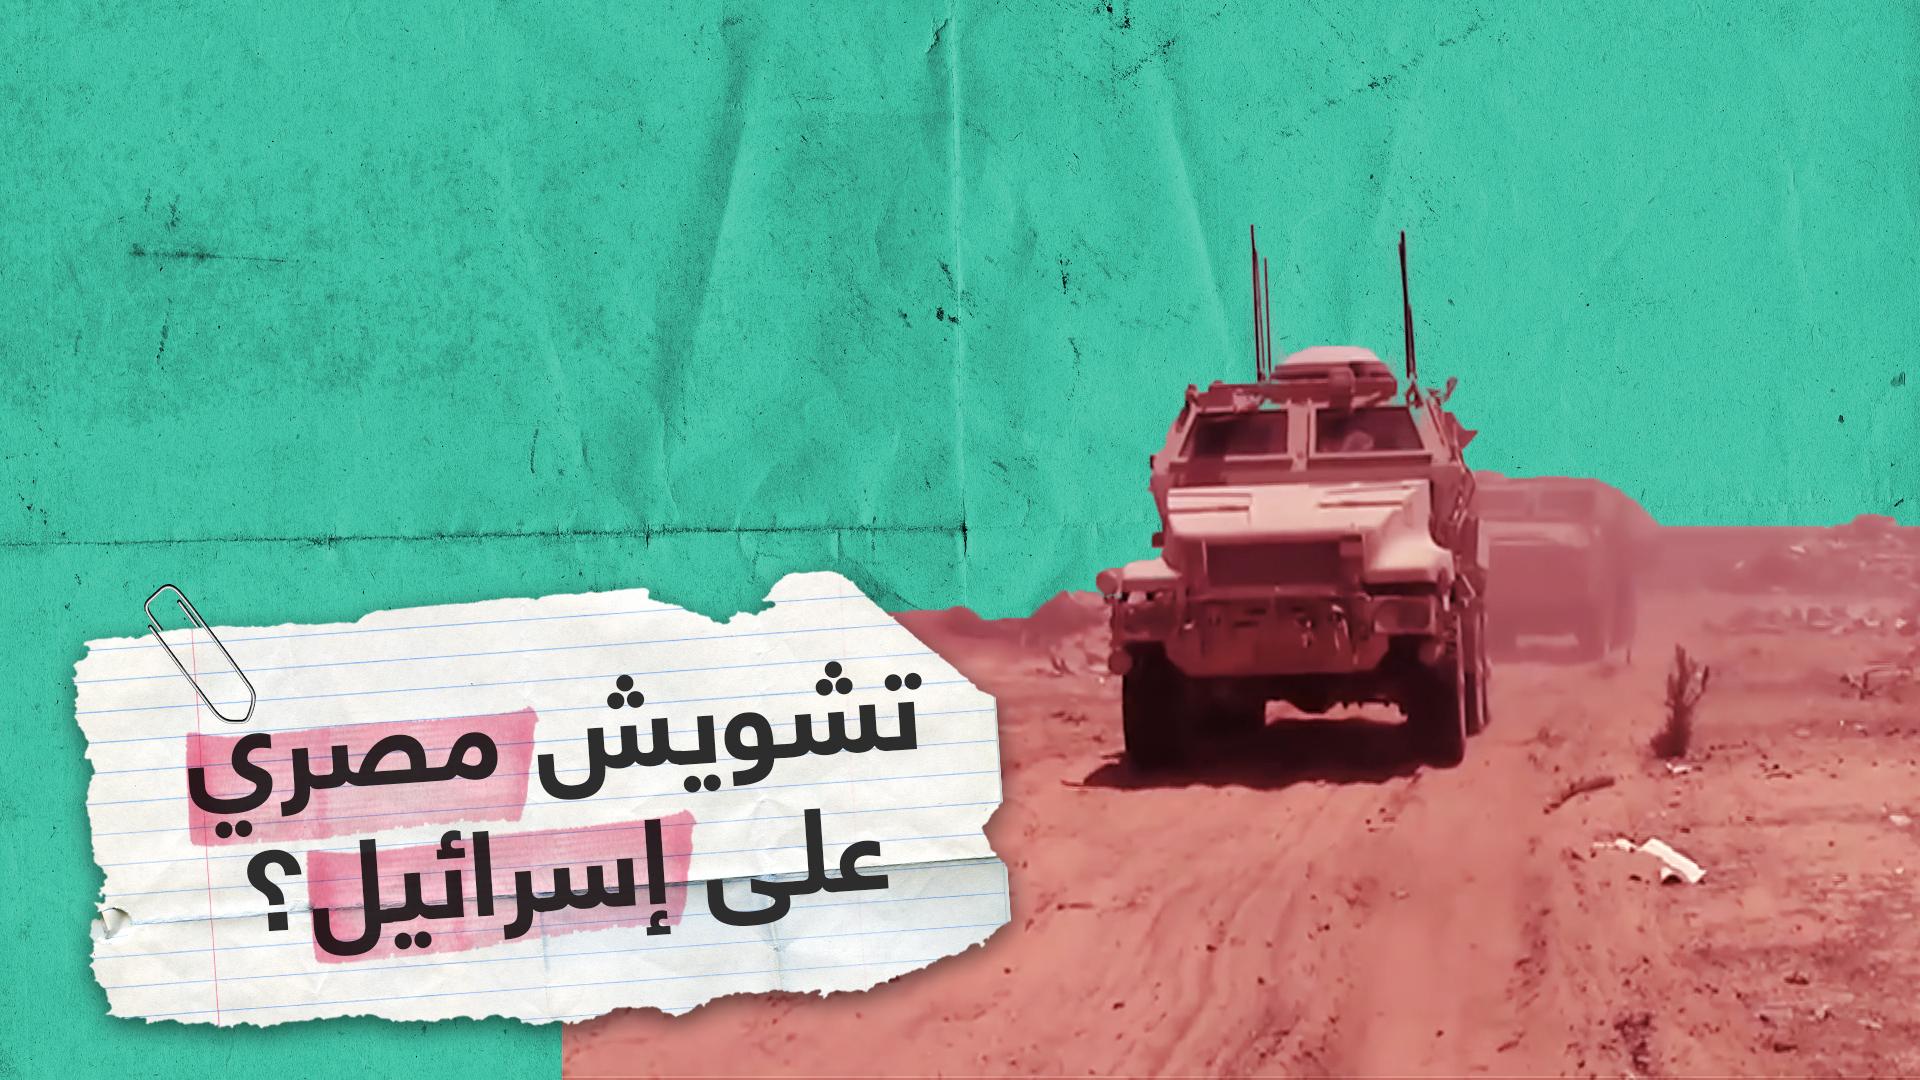 حين شنت مصر حربا إلكترونية على إسرائيل!